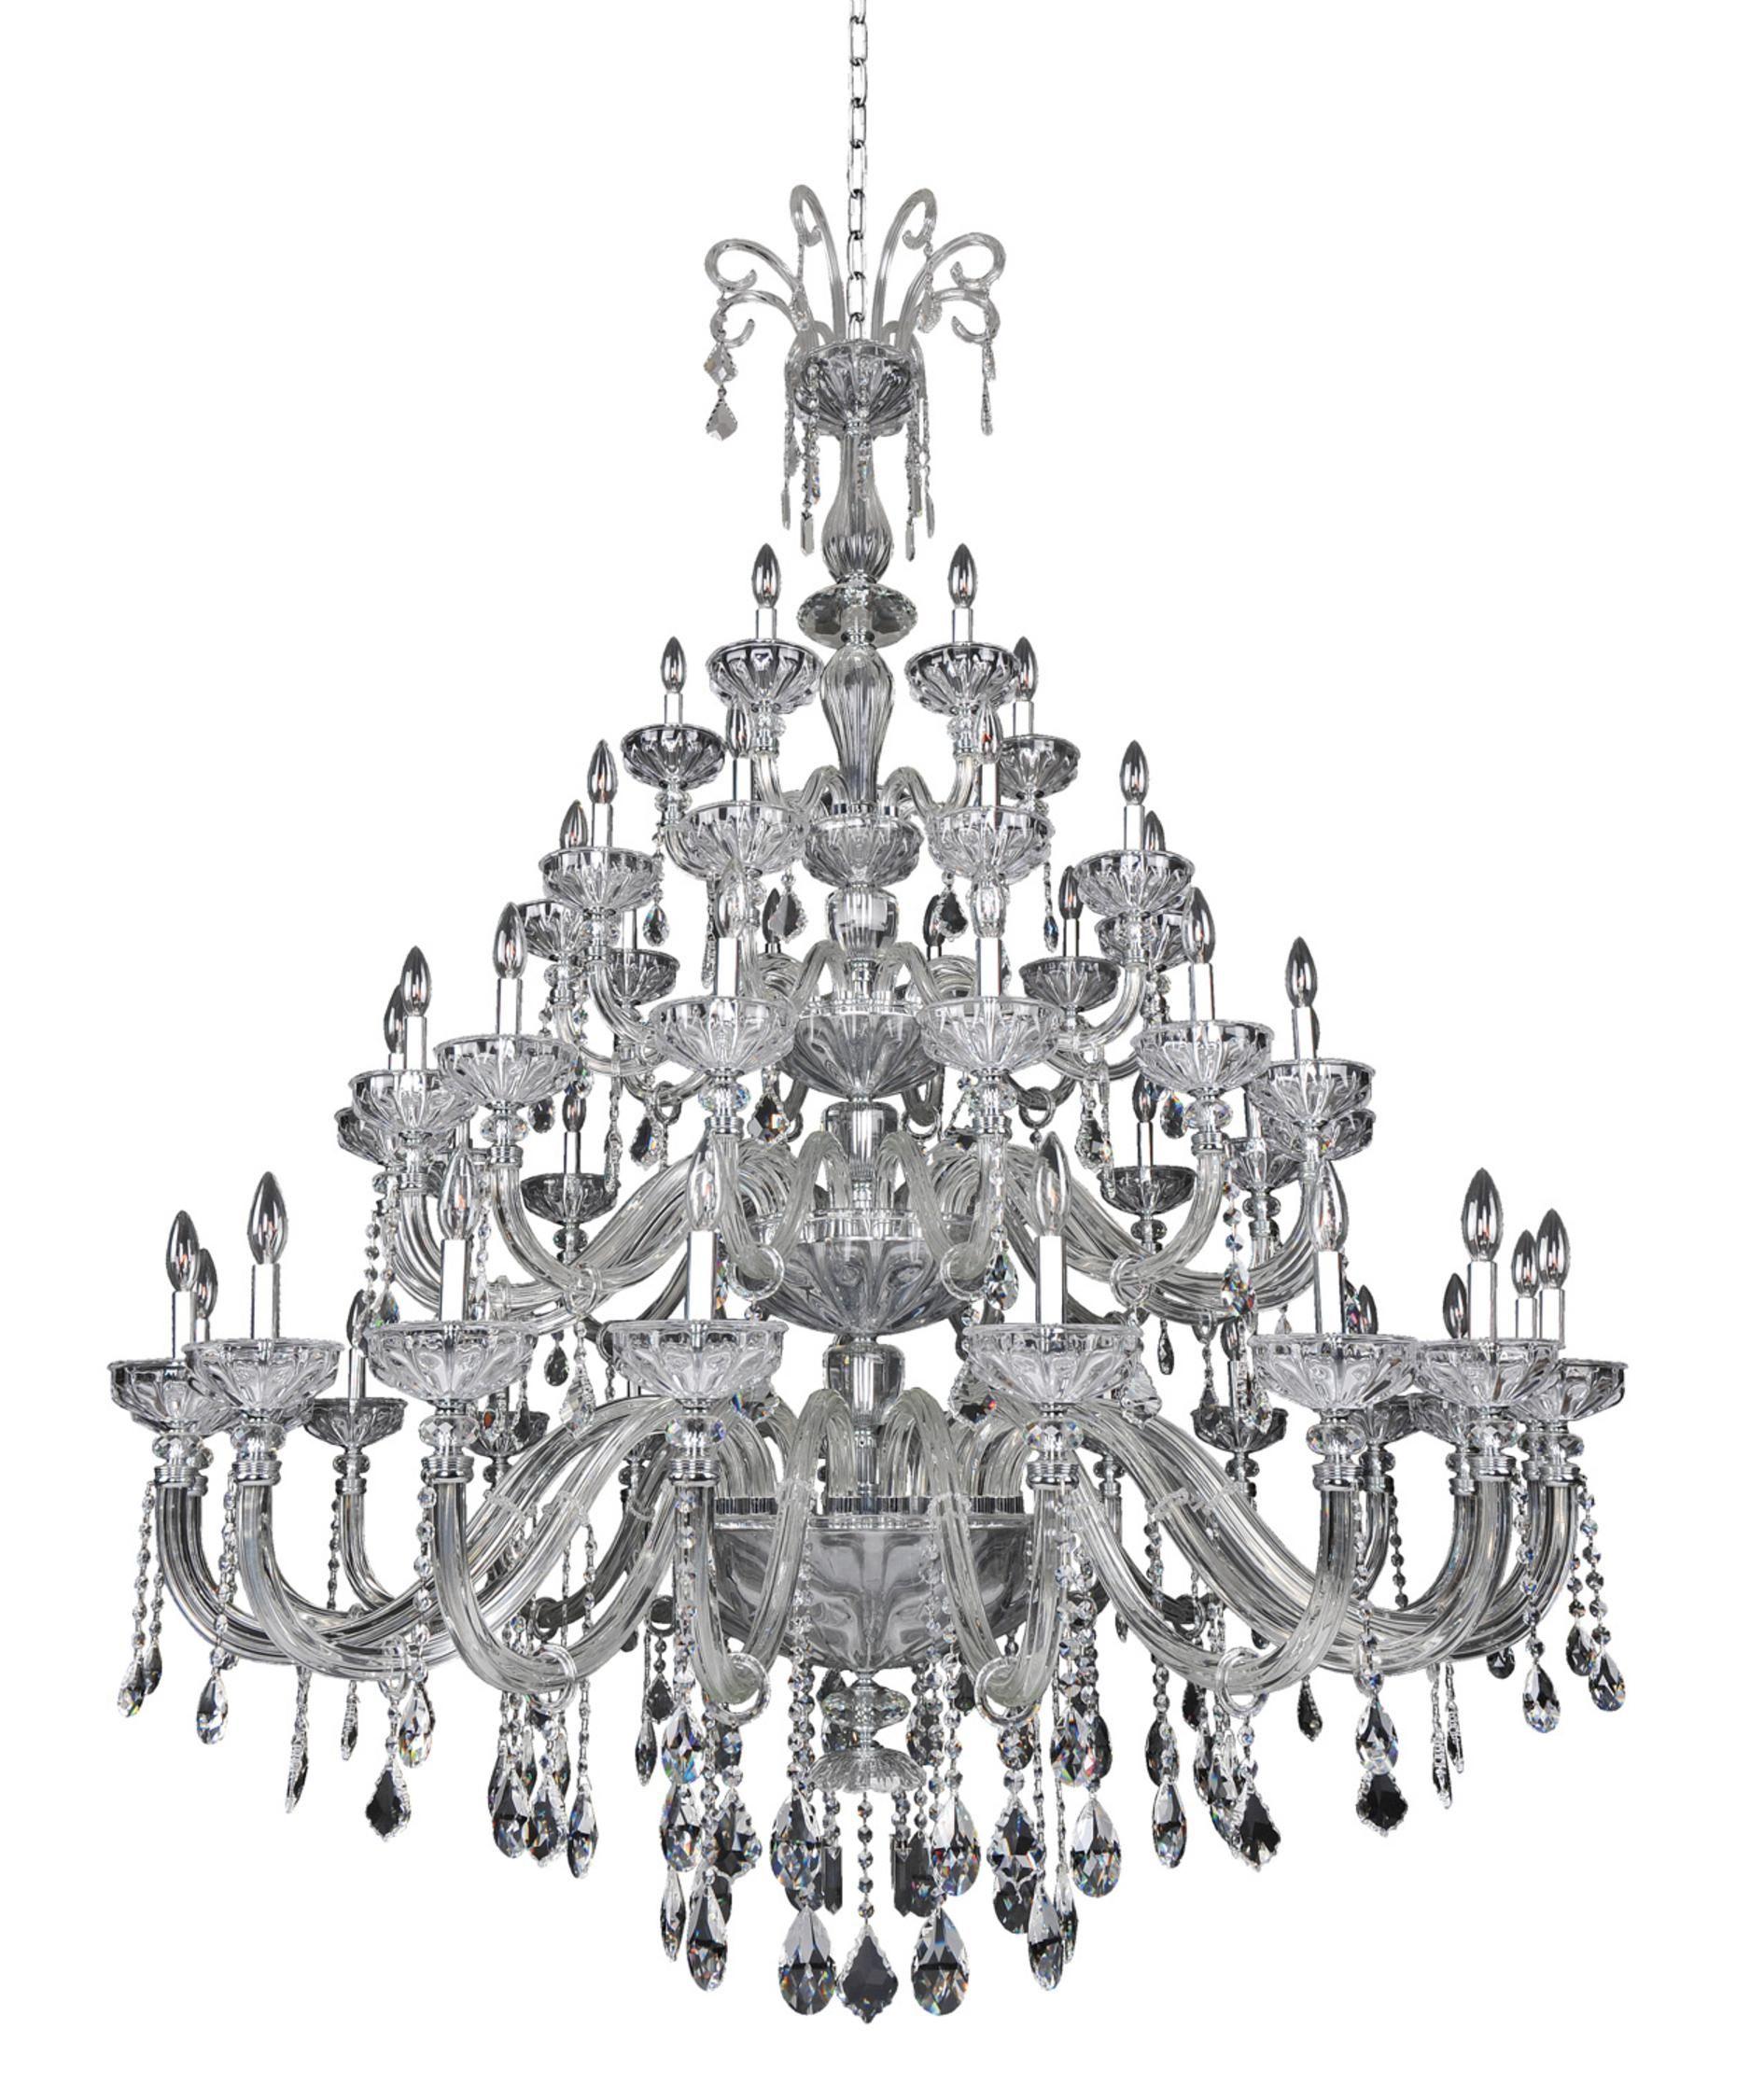 Allegri Clovio 60 Inch Chandelier Crystal Chandelier Chandelier Lighting Candle Style Chandelier